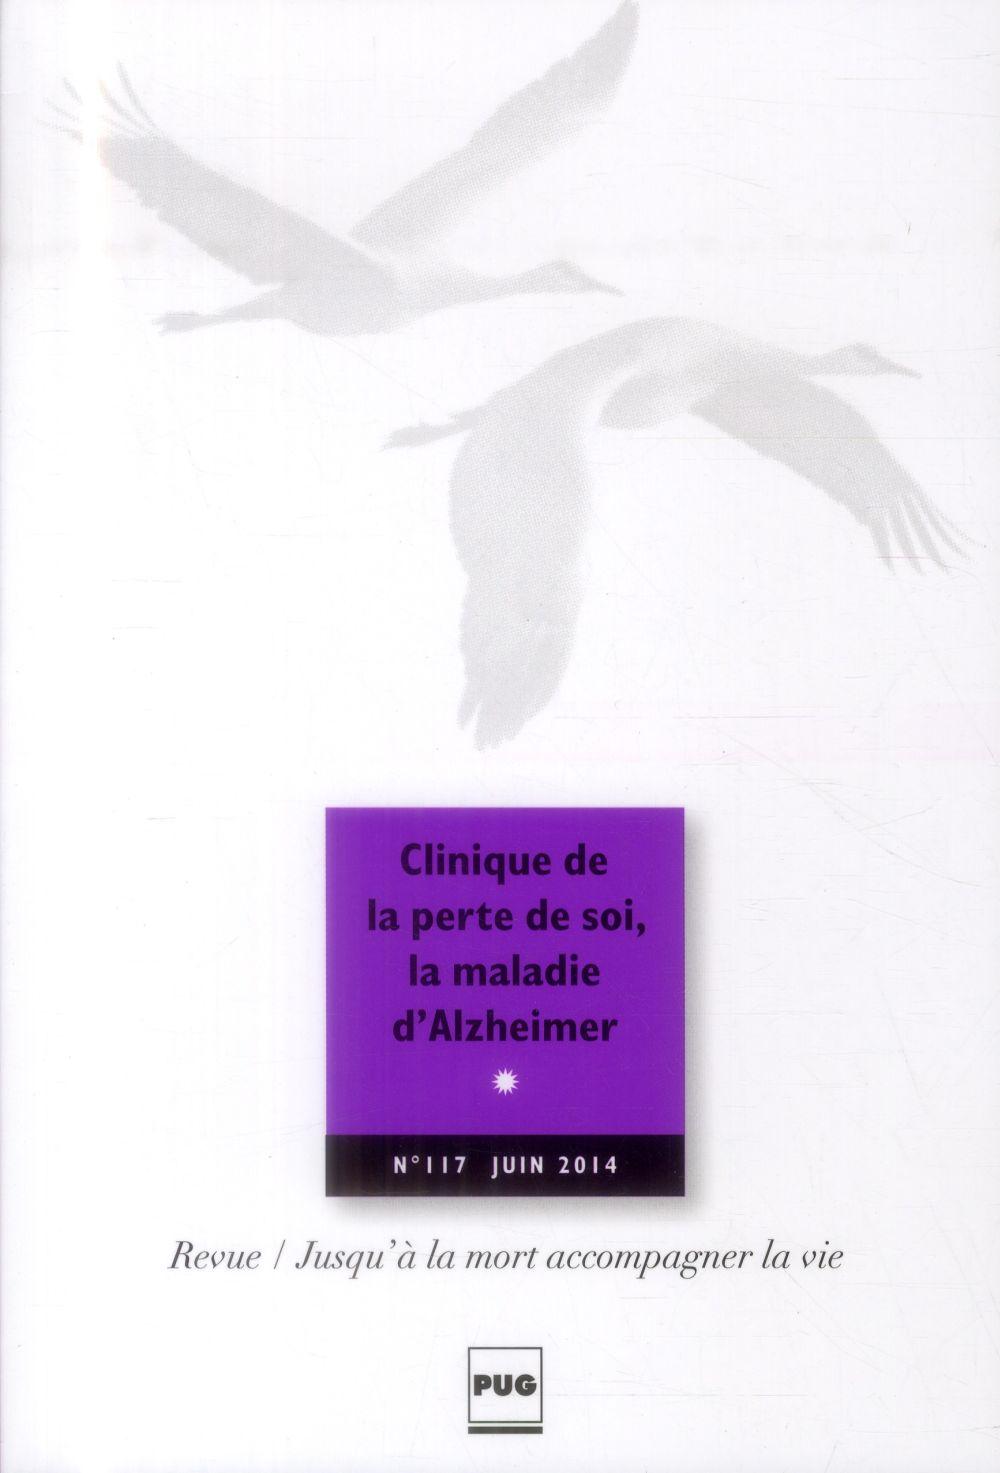 JALMALV-CLINIQUE DE LA PERTE DE SOI, MALADIE ALZHEIMER N117